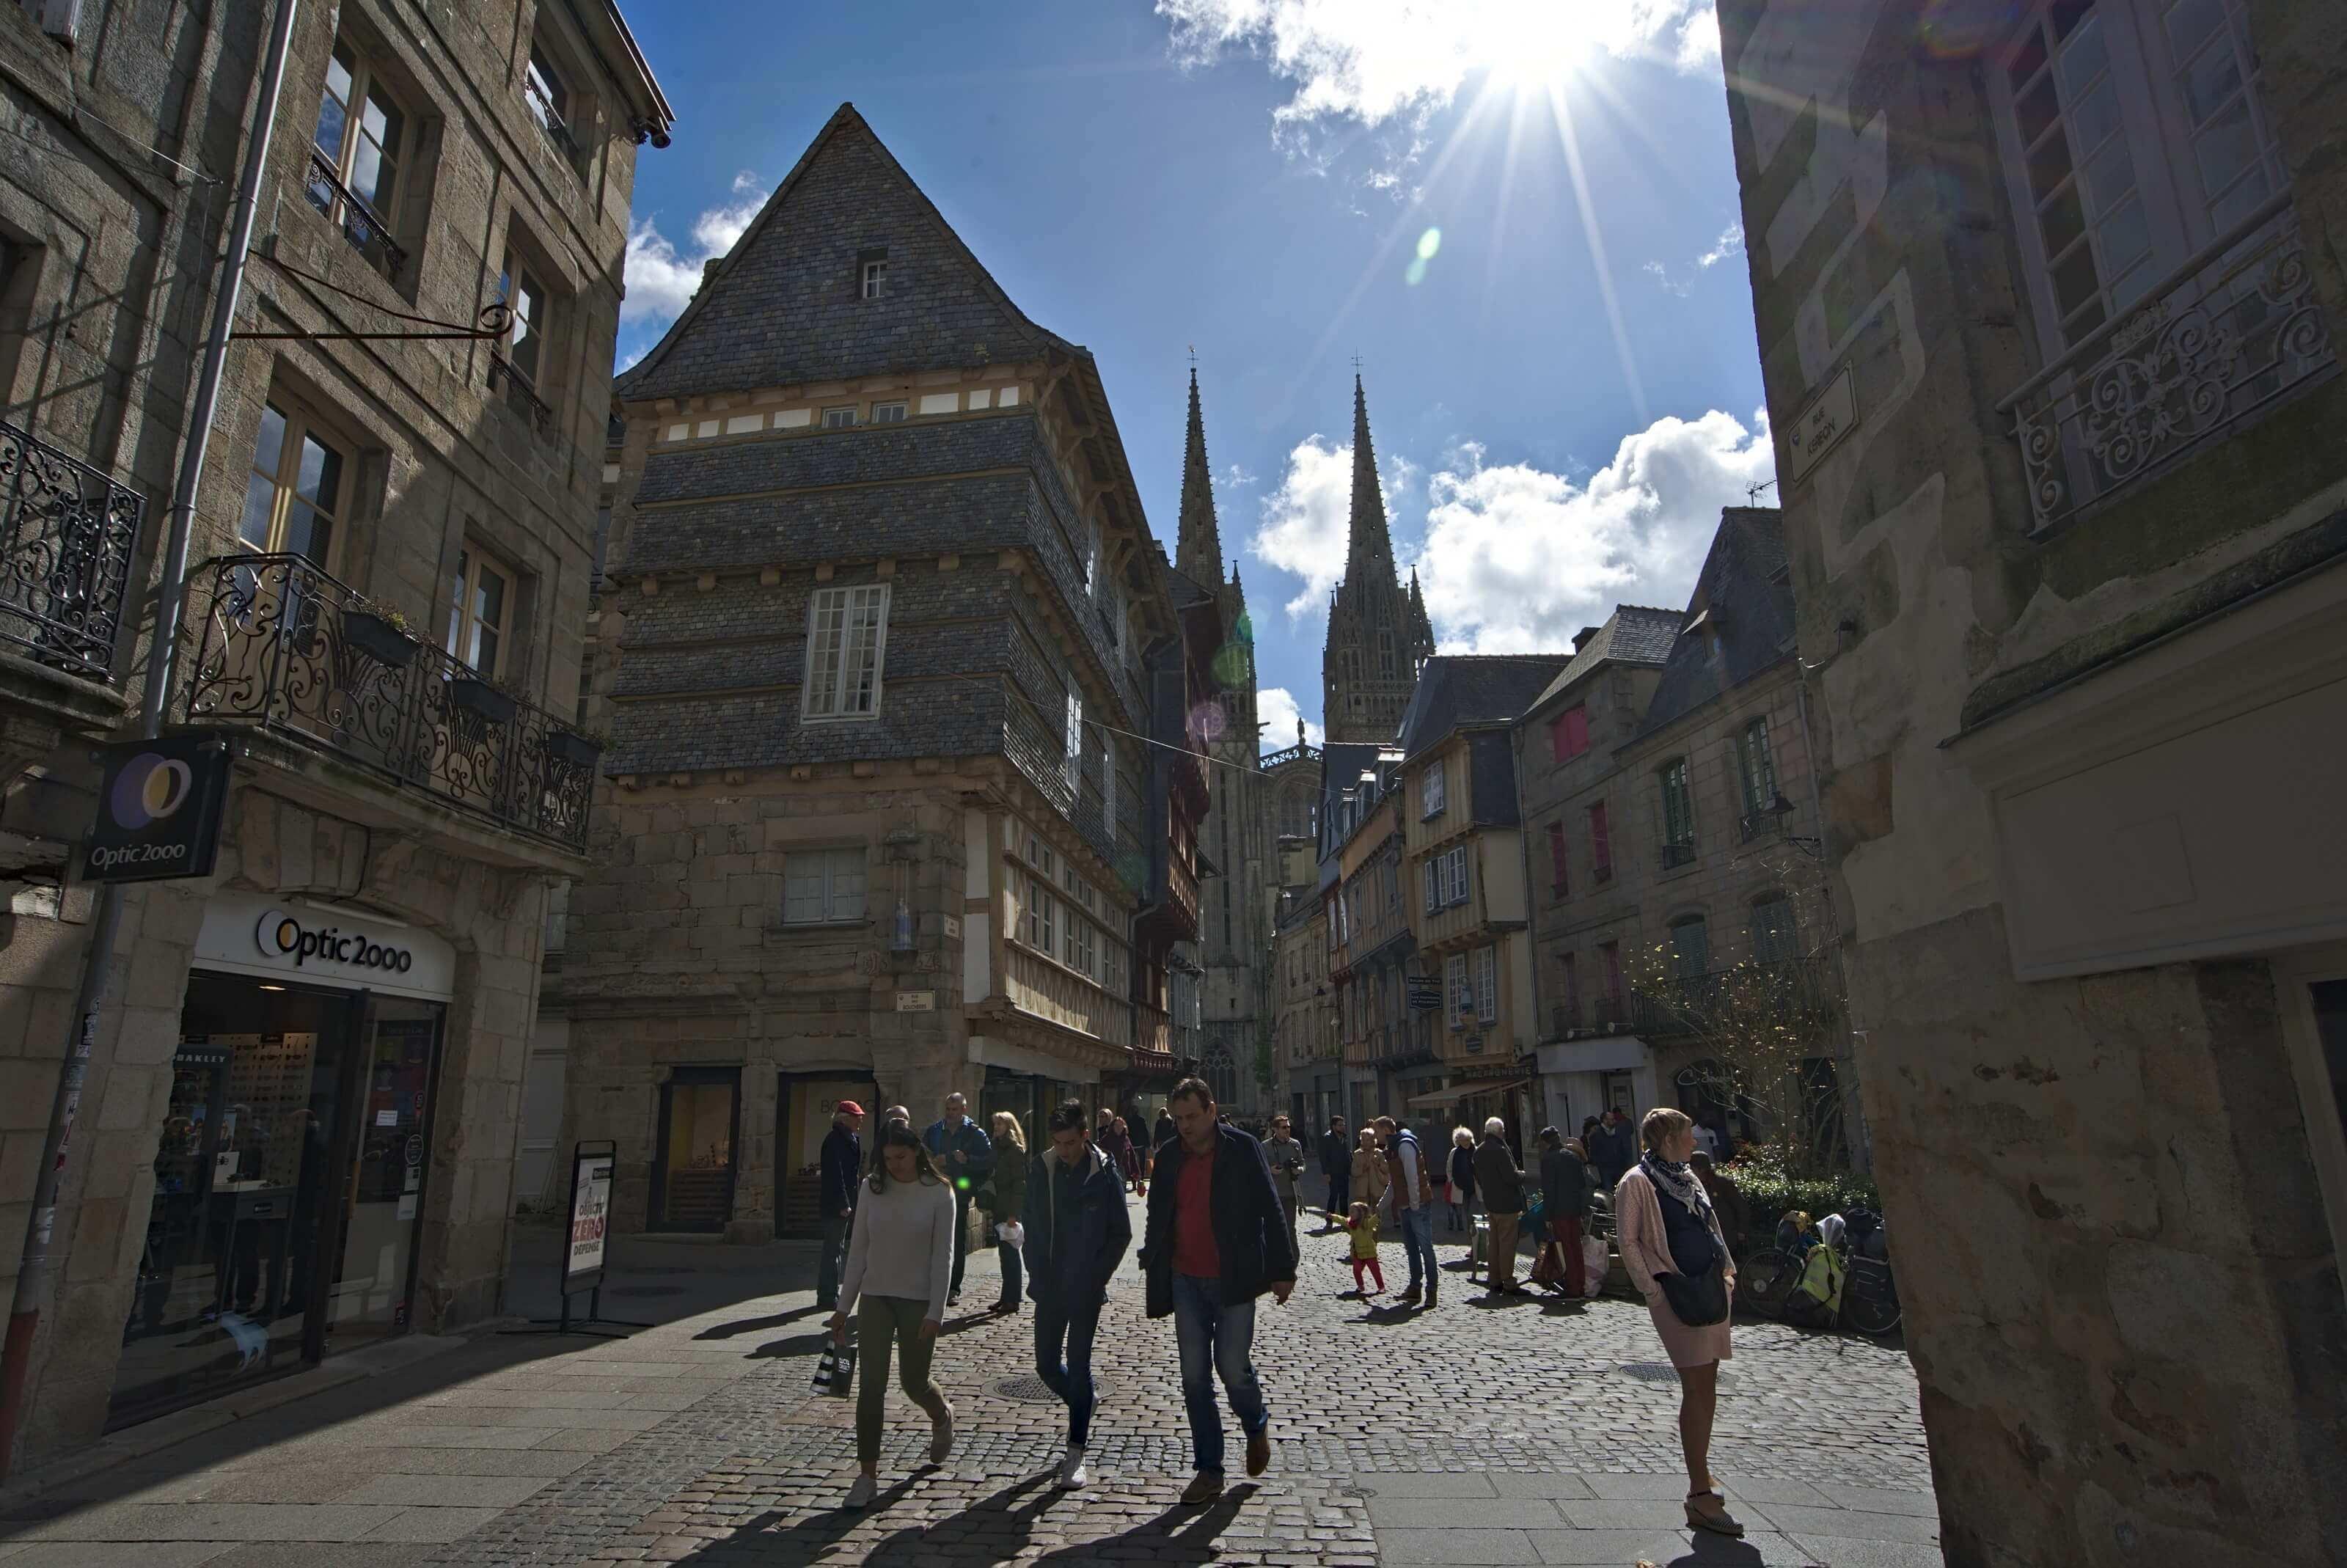 vieille ville de Quimper